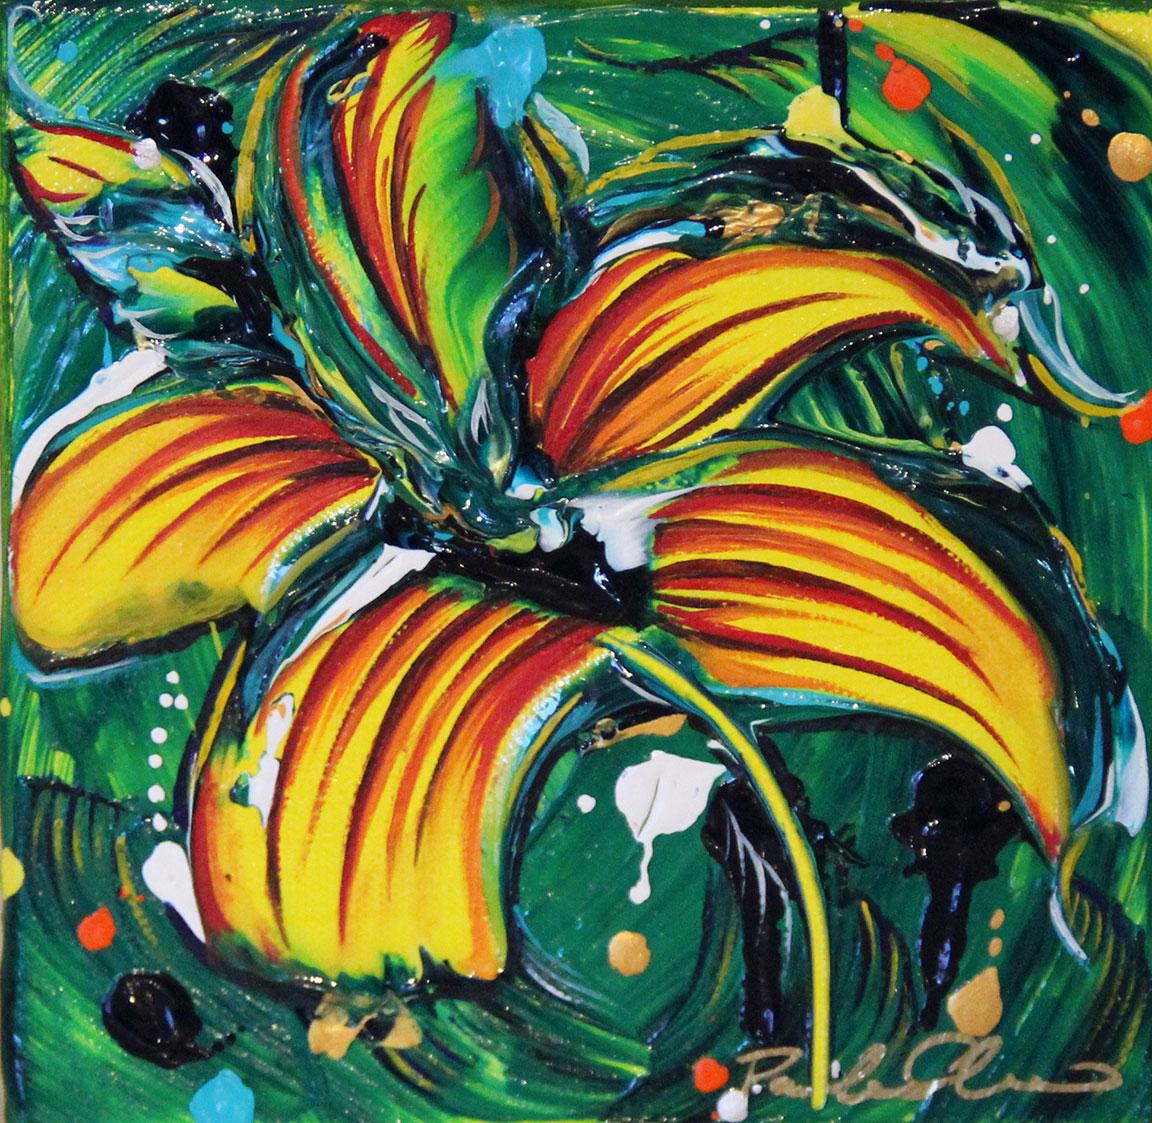 Molokai Green